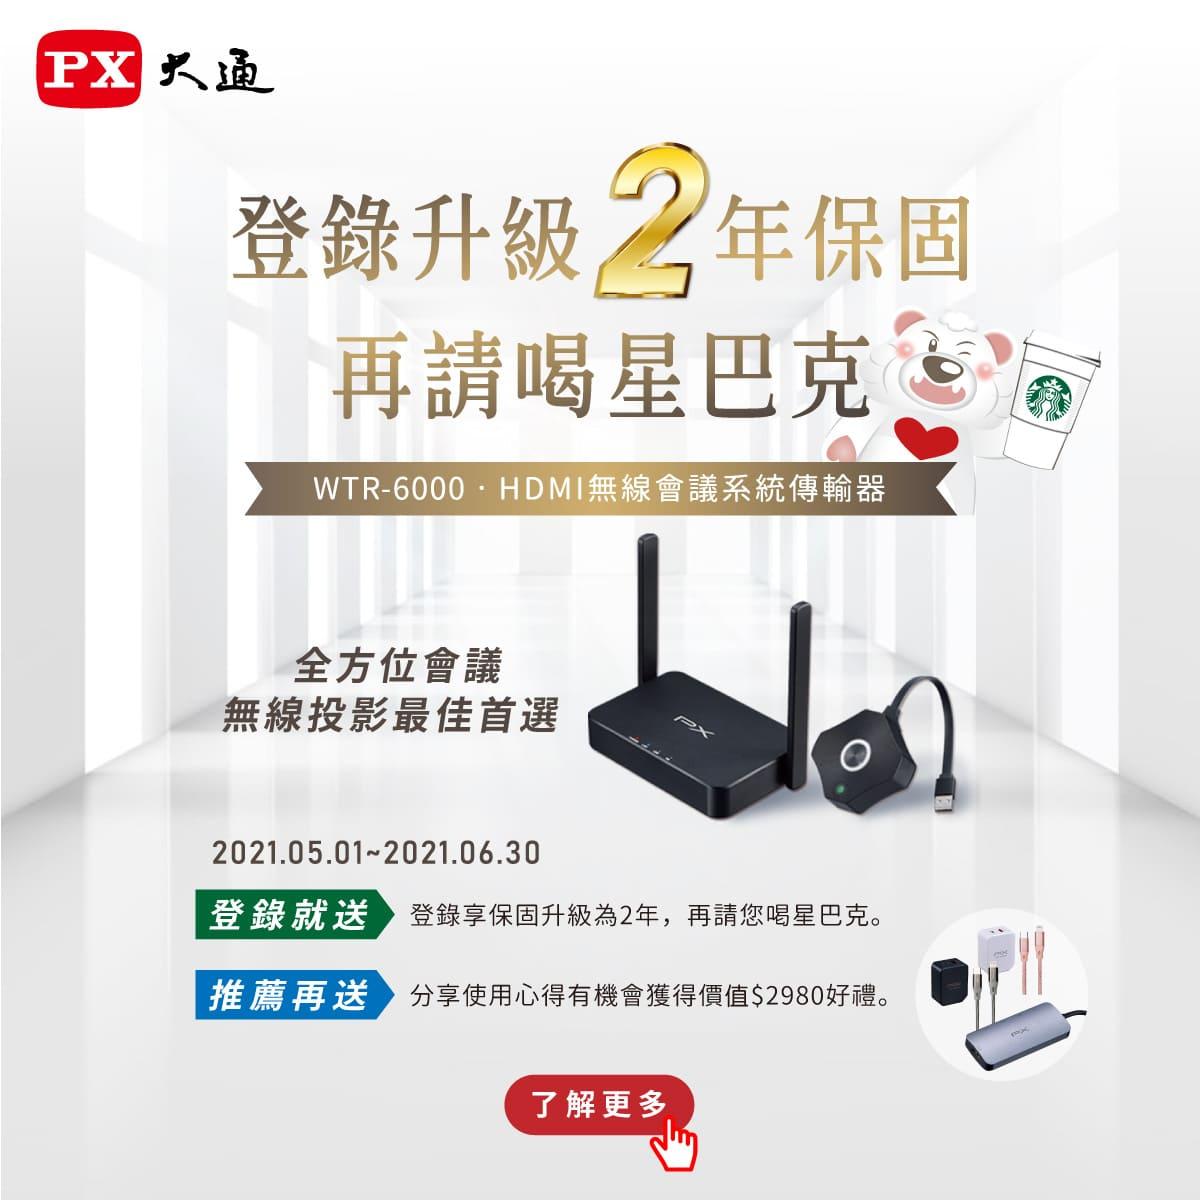 proimages/product/HDMI/WTR-6000/PX-WTR-6000.jpg